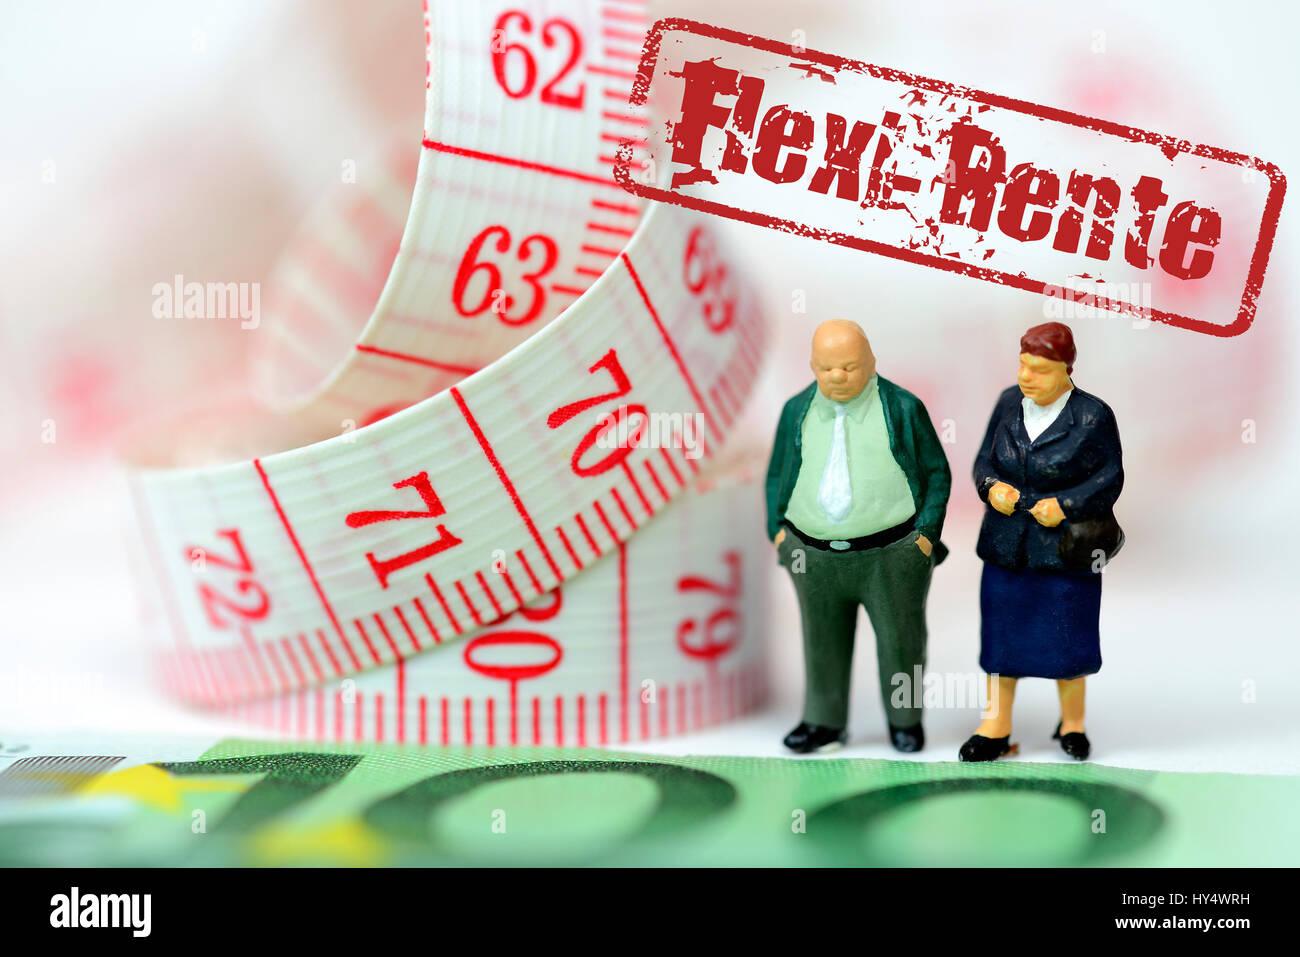 Senioren und Dimension mit Klebeband, symbolische Foto-Flexi-Rente, Senioren Und Ma? band, Symbolfoto Flexi-Rente Stockfoto